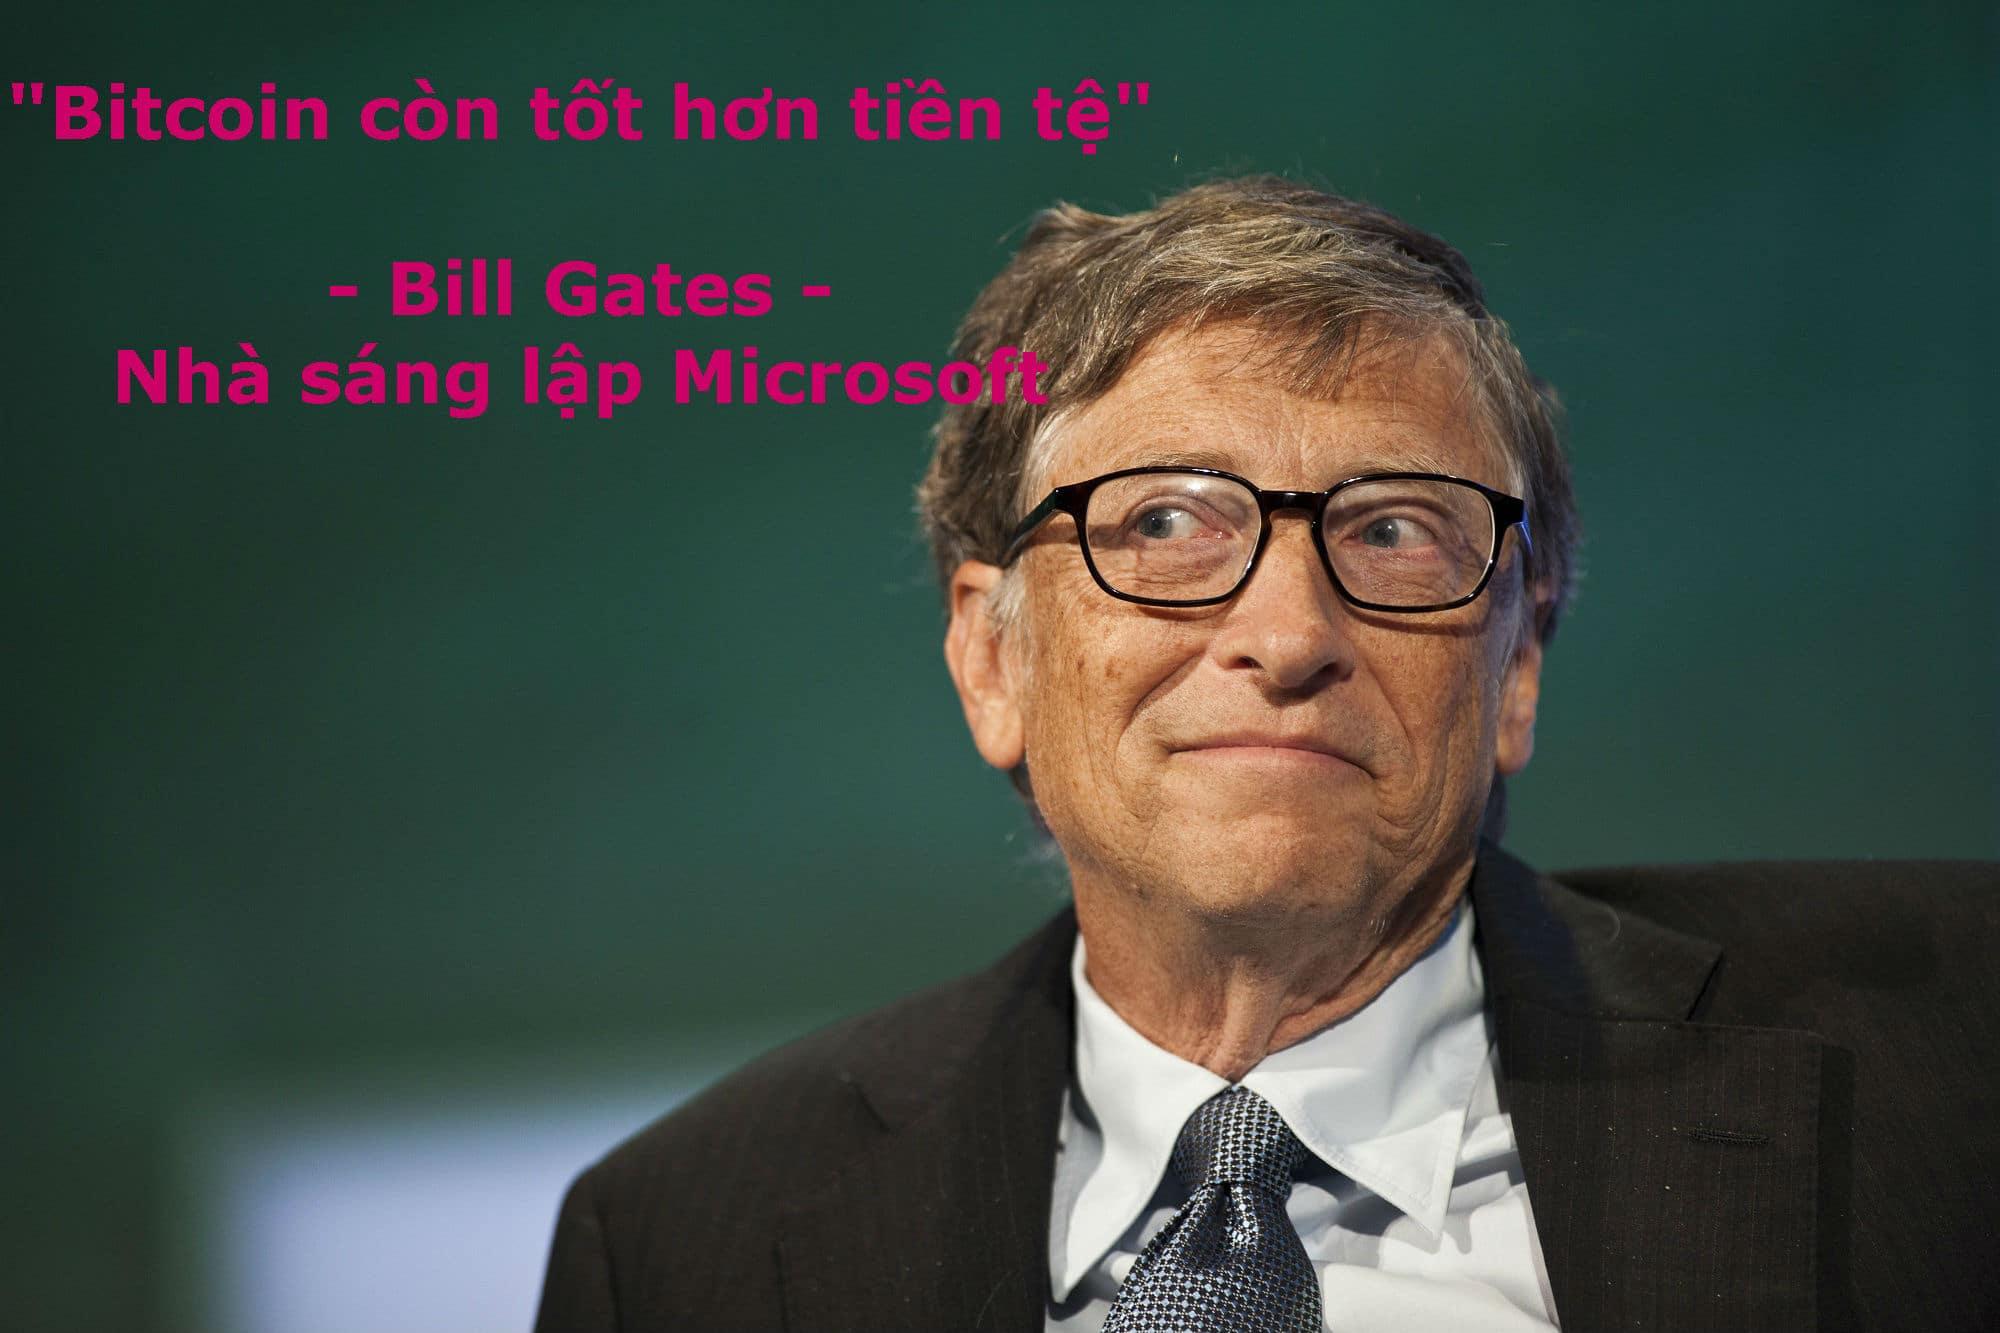 Nhận xét của Bill Gates về Bitcoin